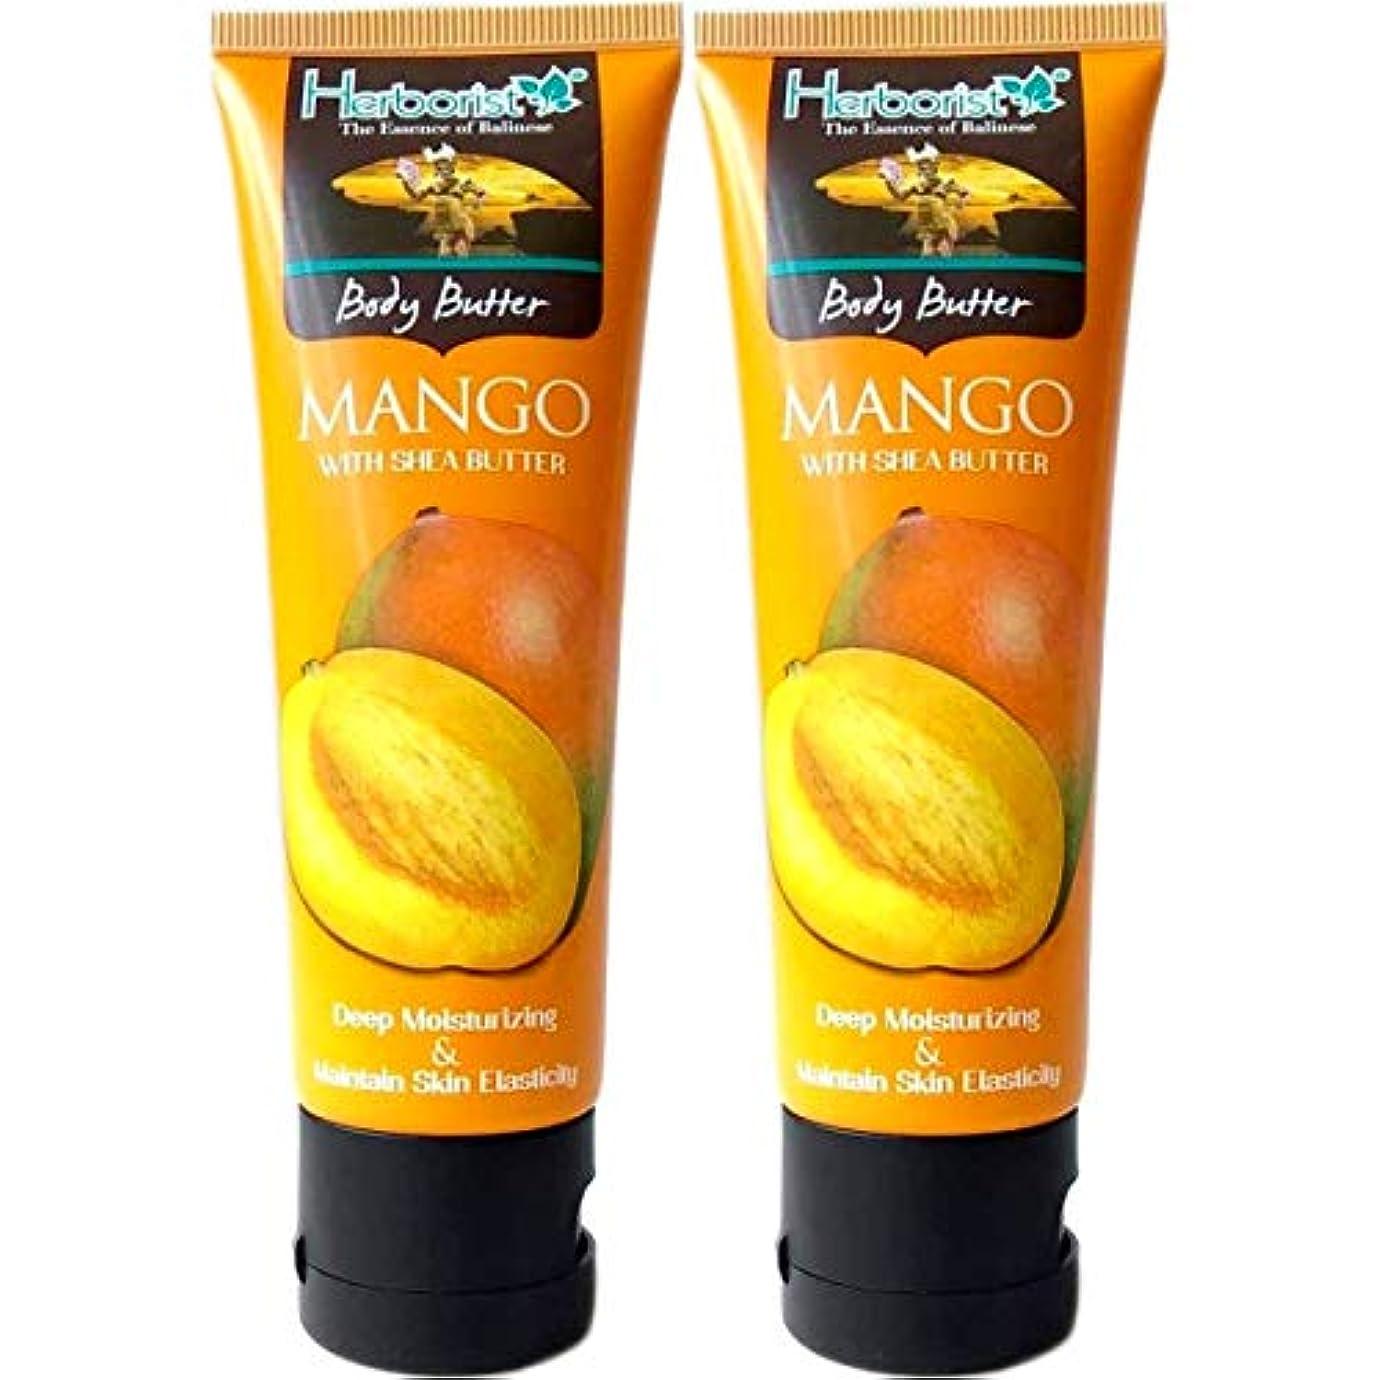 ボトルネック取るささやきHerborist ハーボリスト Body Butter ボディバター バリスイーツの香り シアバター配合 80g×2個セット Mango マンゴー [海外直送品]